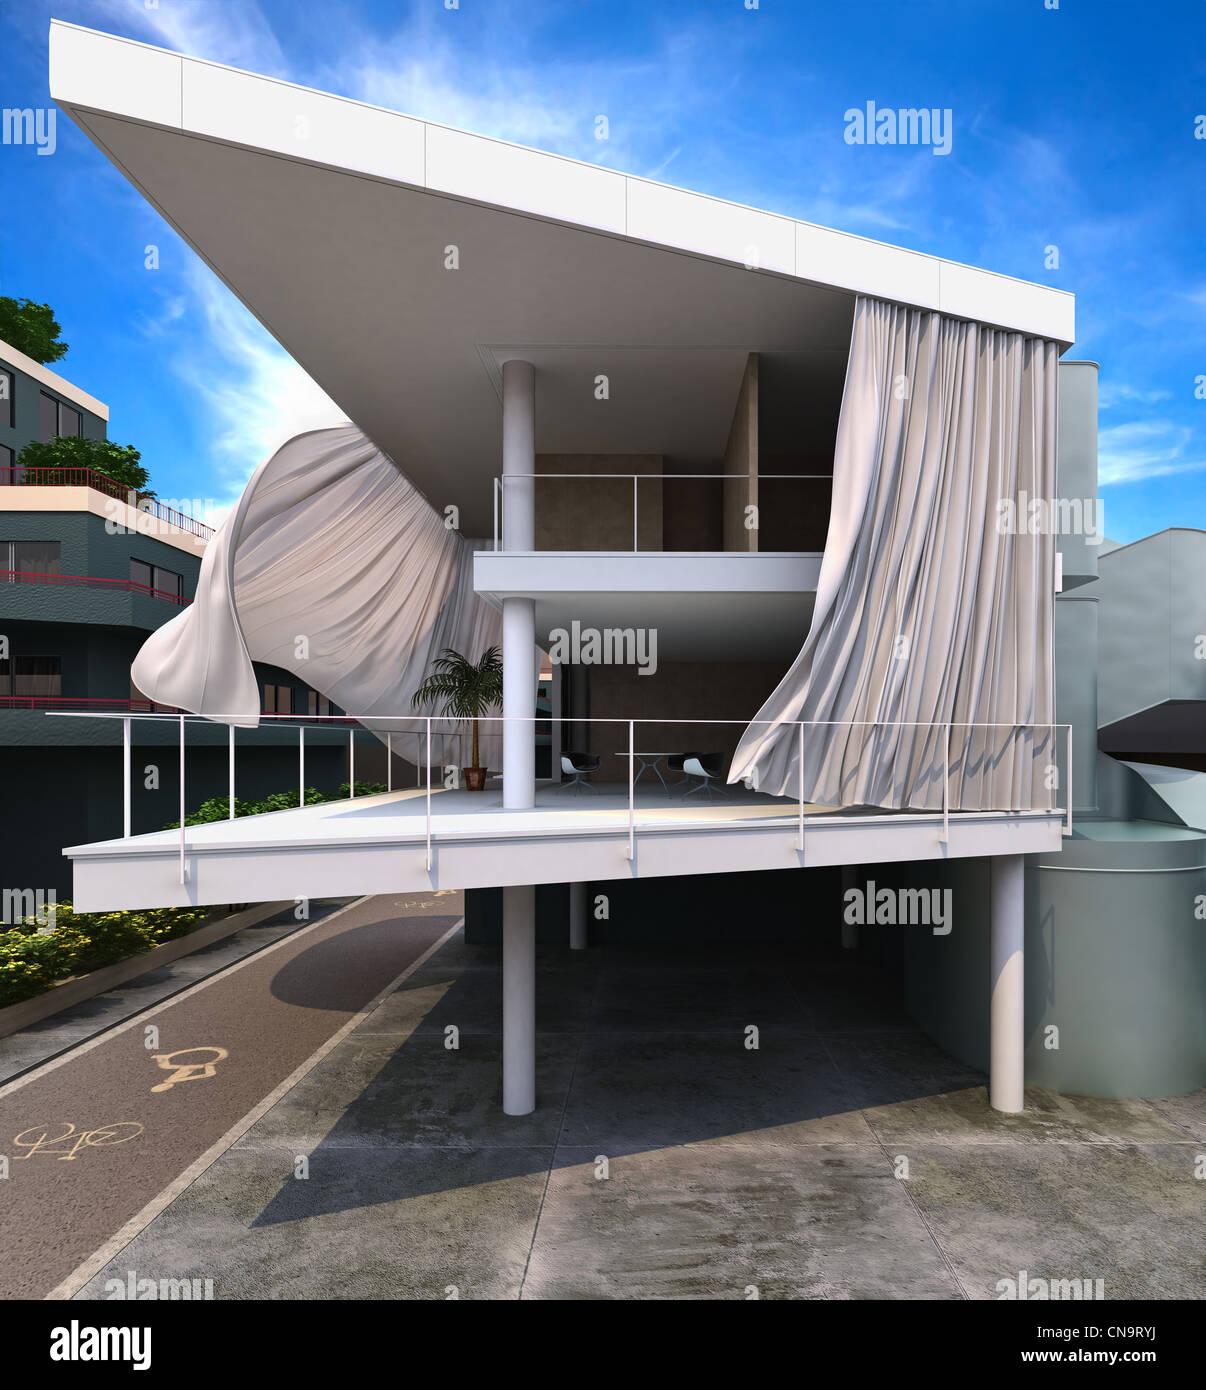 Extérieur de maison moderne avec des rideaux dans le vent ...